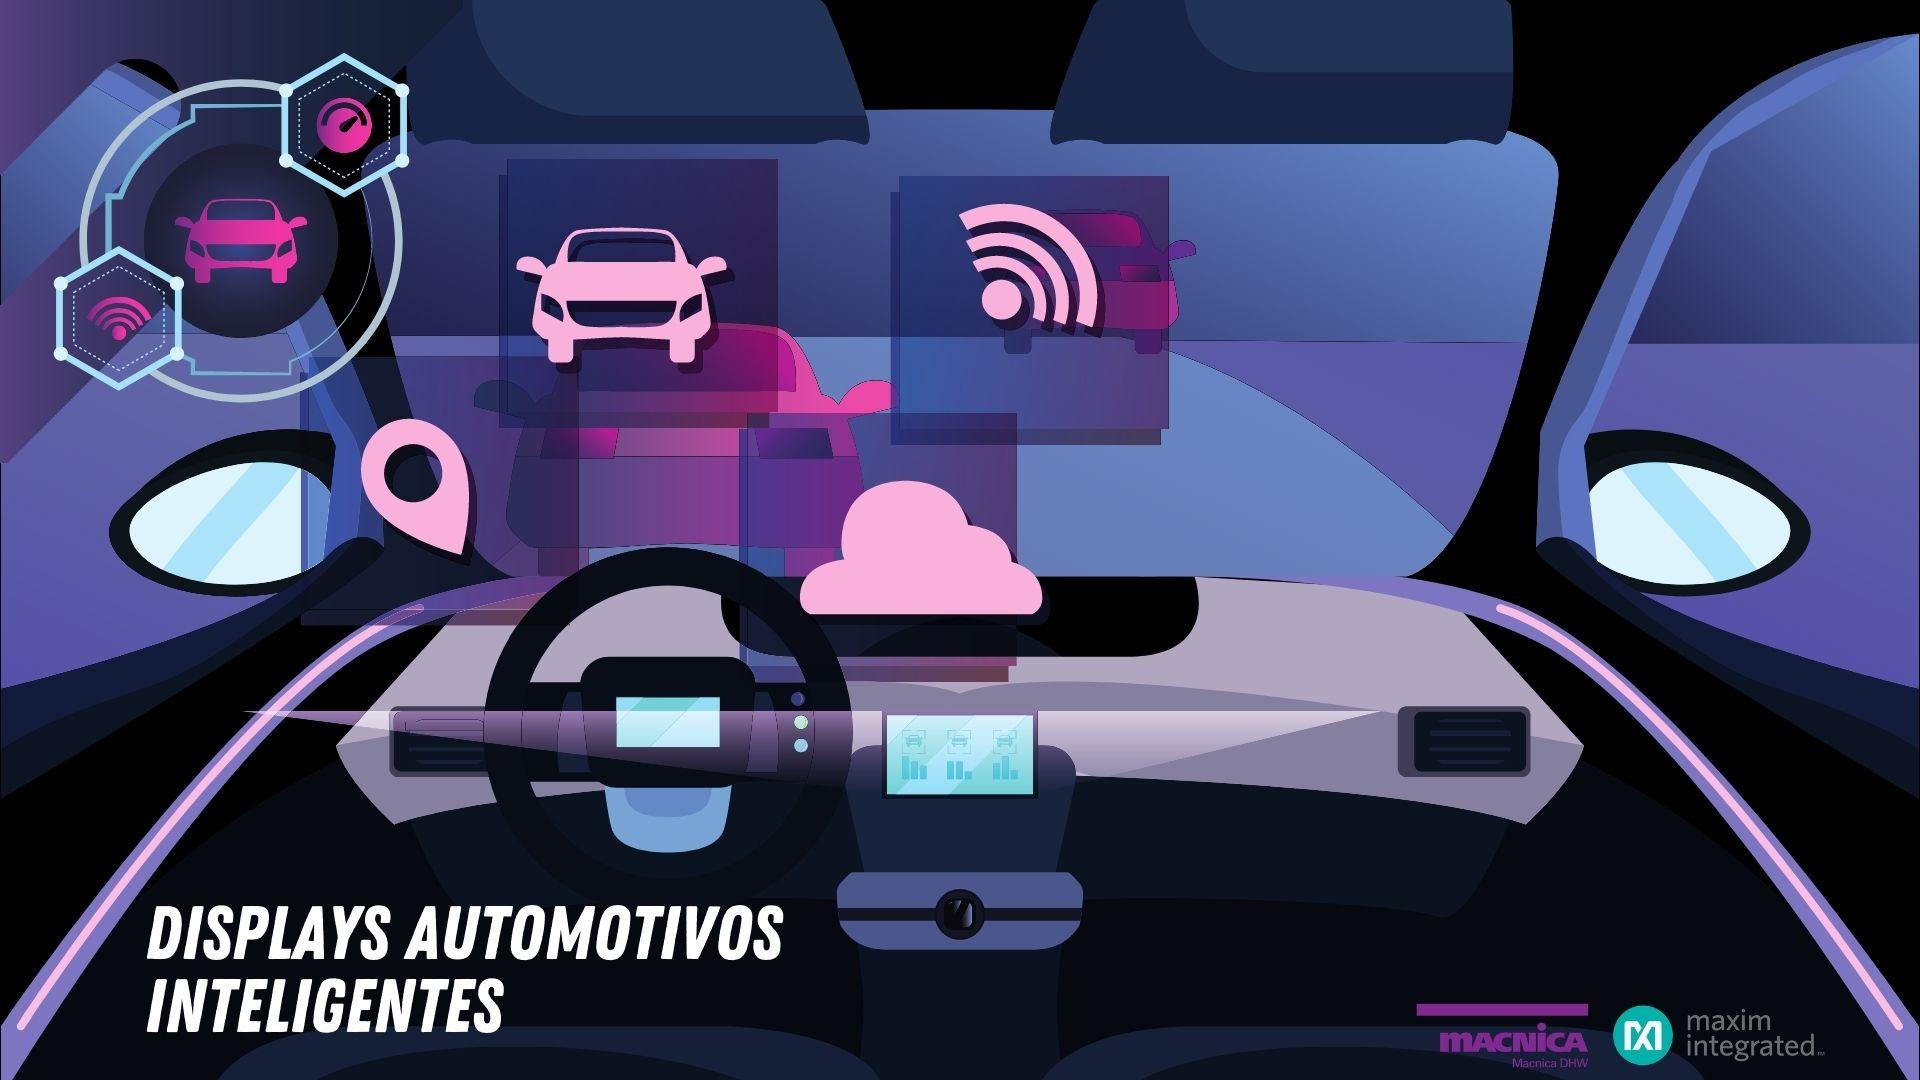 Displays automotivos inteligentes